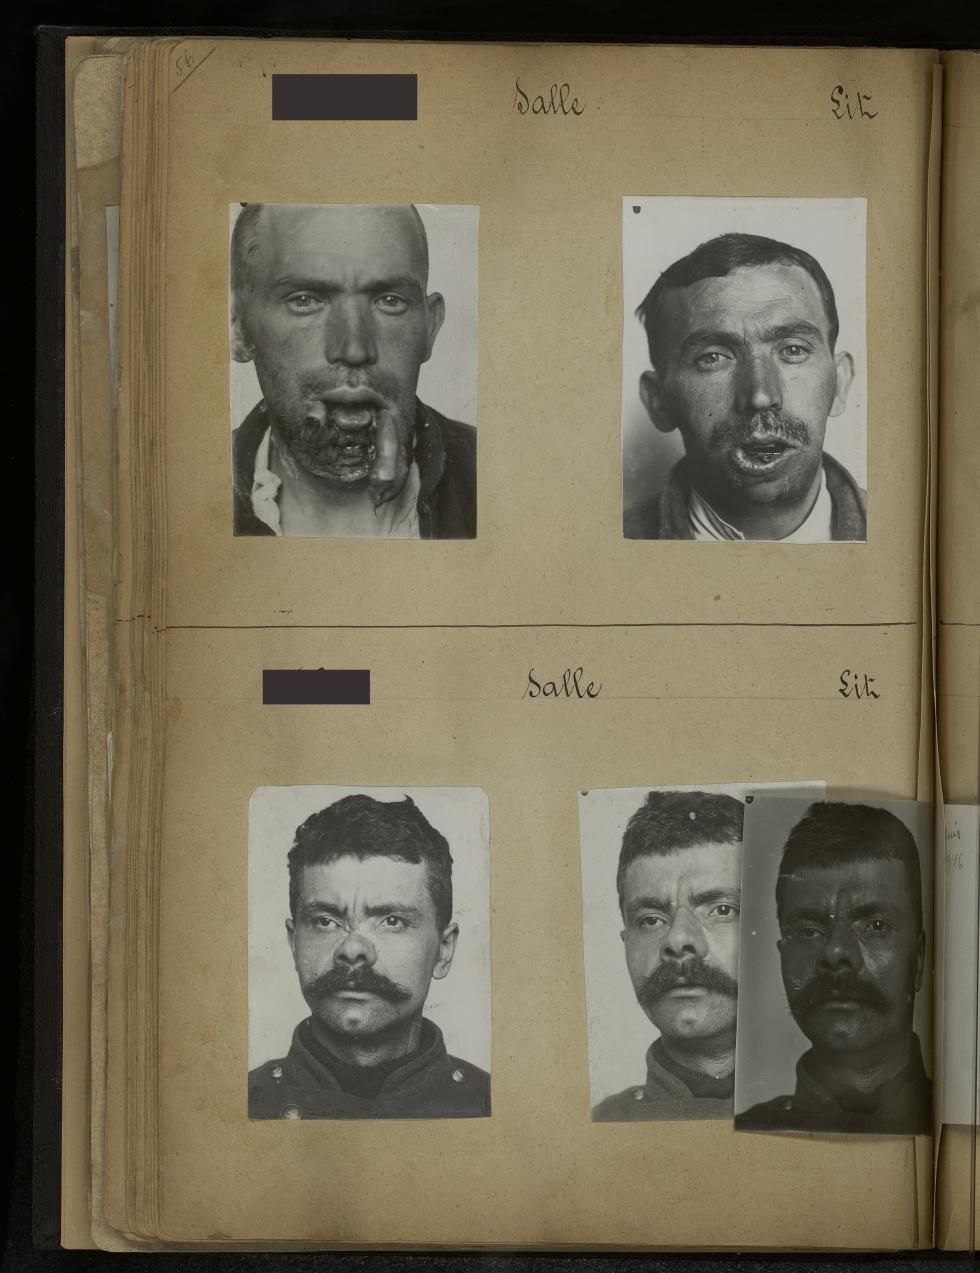 [Cas de  prothèse nasale 95 / Portrait de trois quarts à gauche après pose de prothèse nasale] - Première guerre mondiale. Gueules cassées (invalides de guerre). Chirurgie maxillo-faciale. Chirurgie réparatrice. Stomatologie. - medpont_gc_album_02x0077